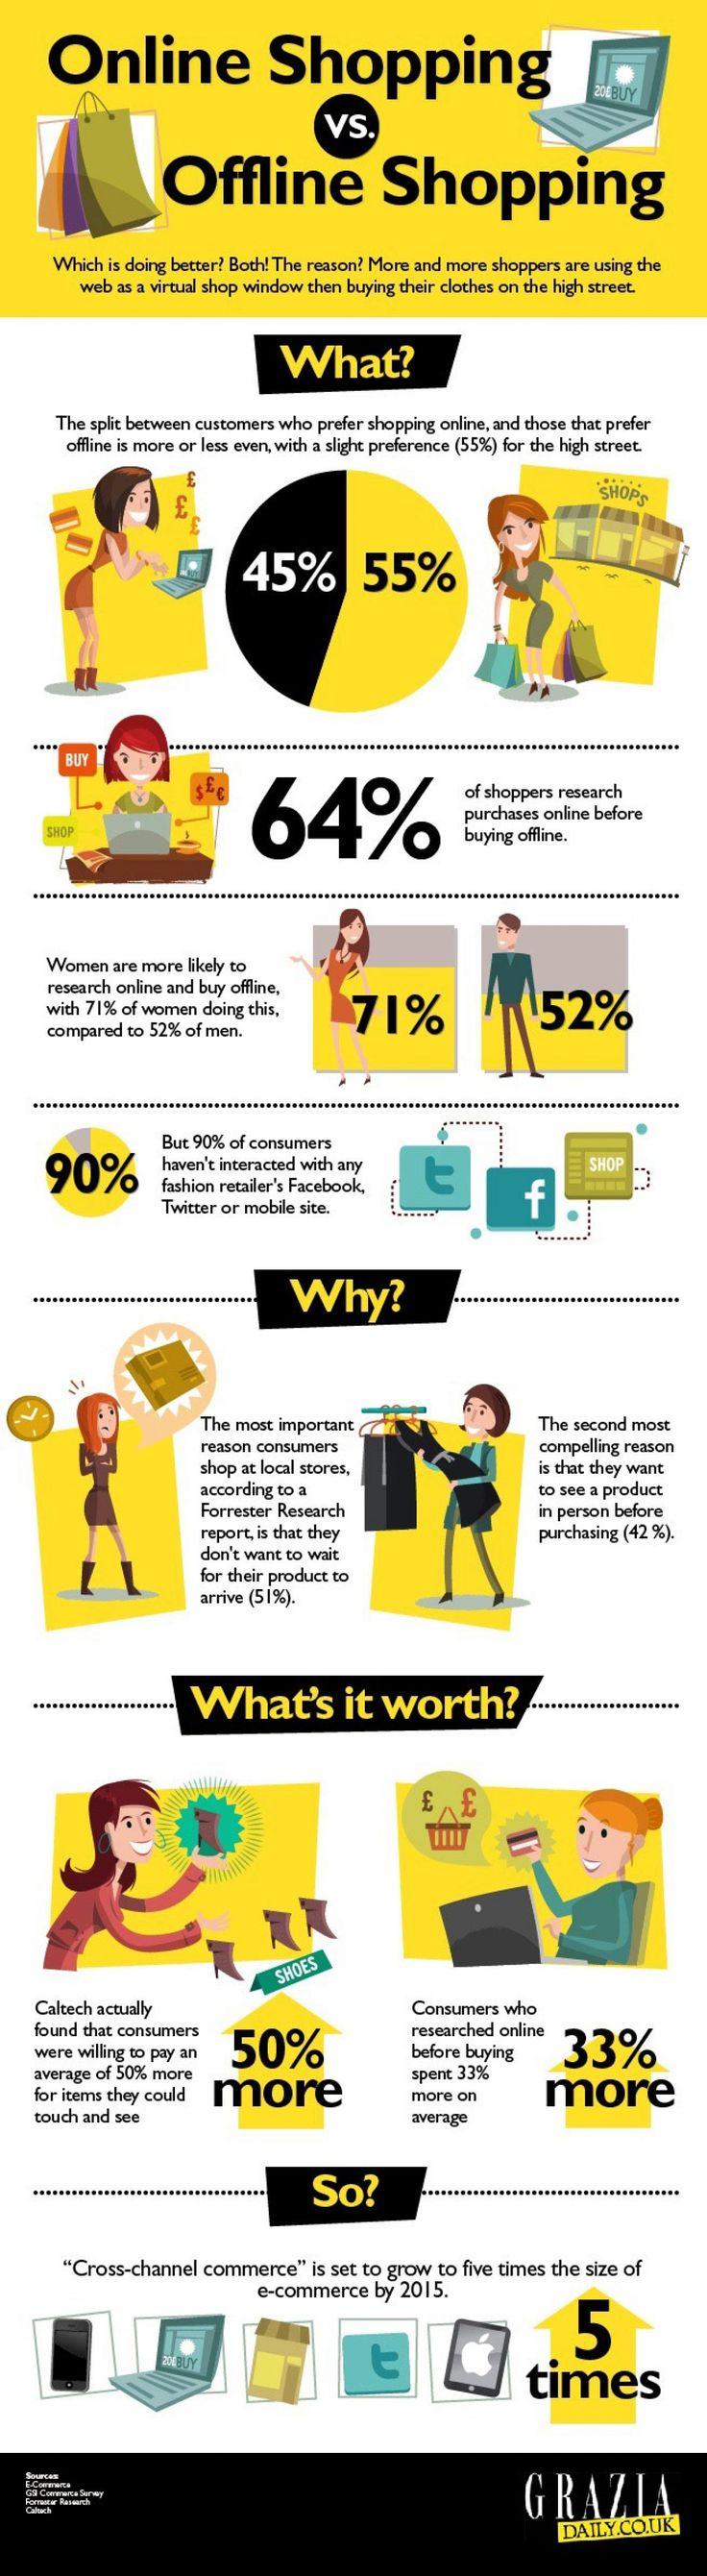 Online Shopping VS Offline Shopping Infographic